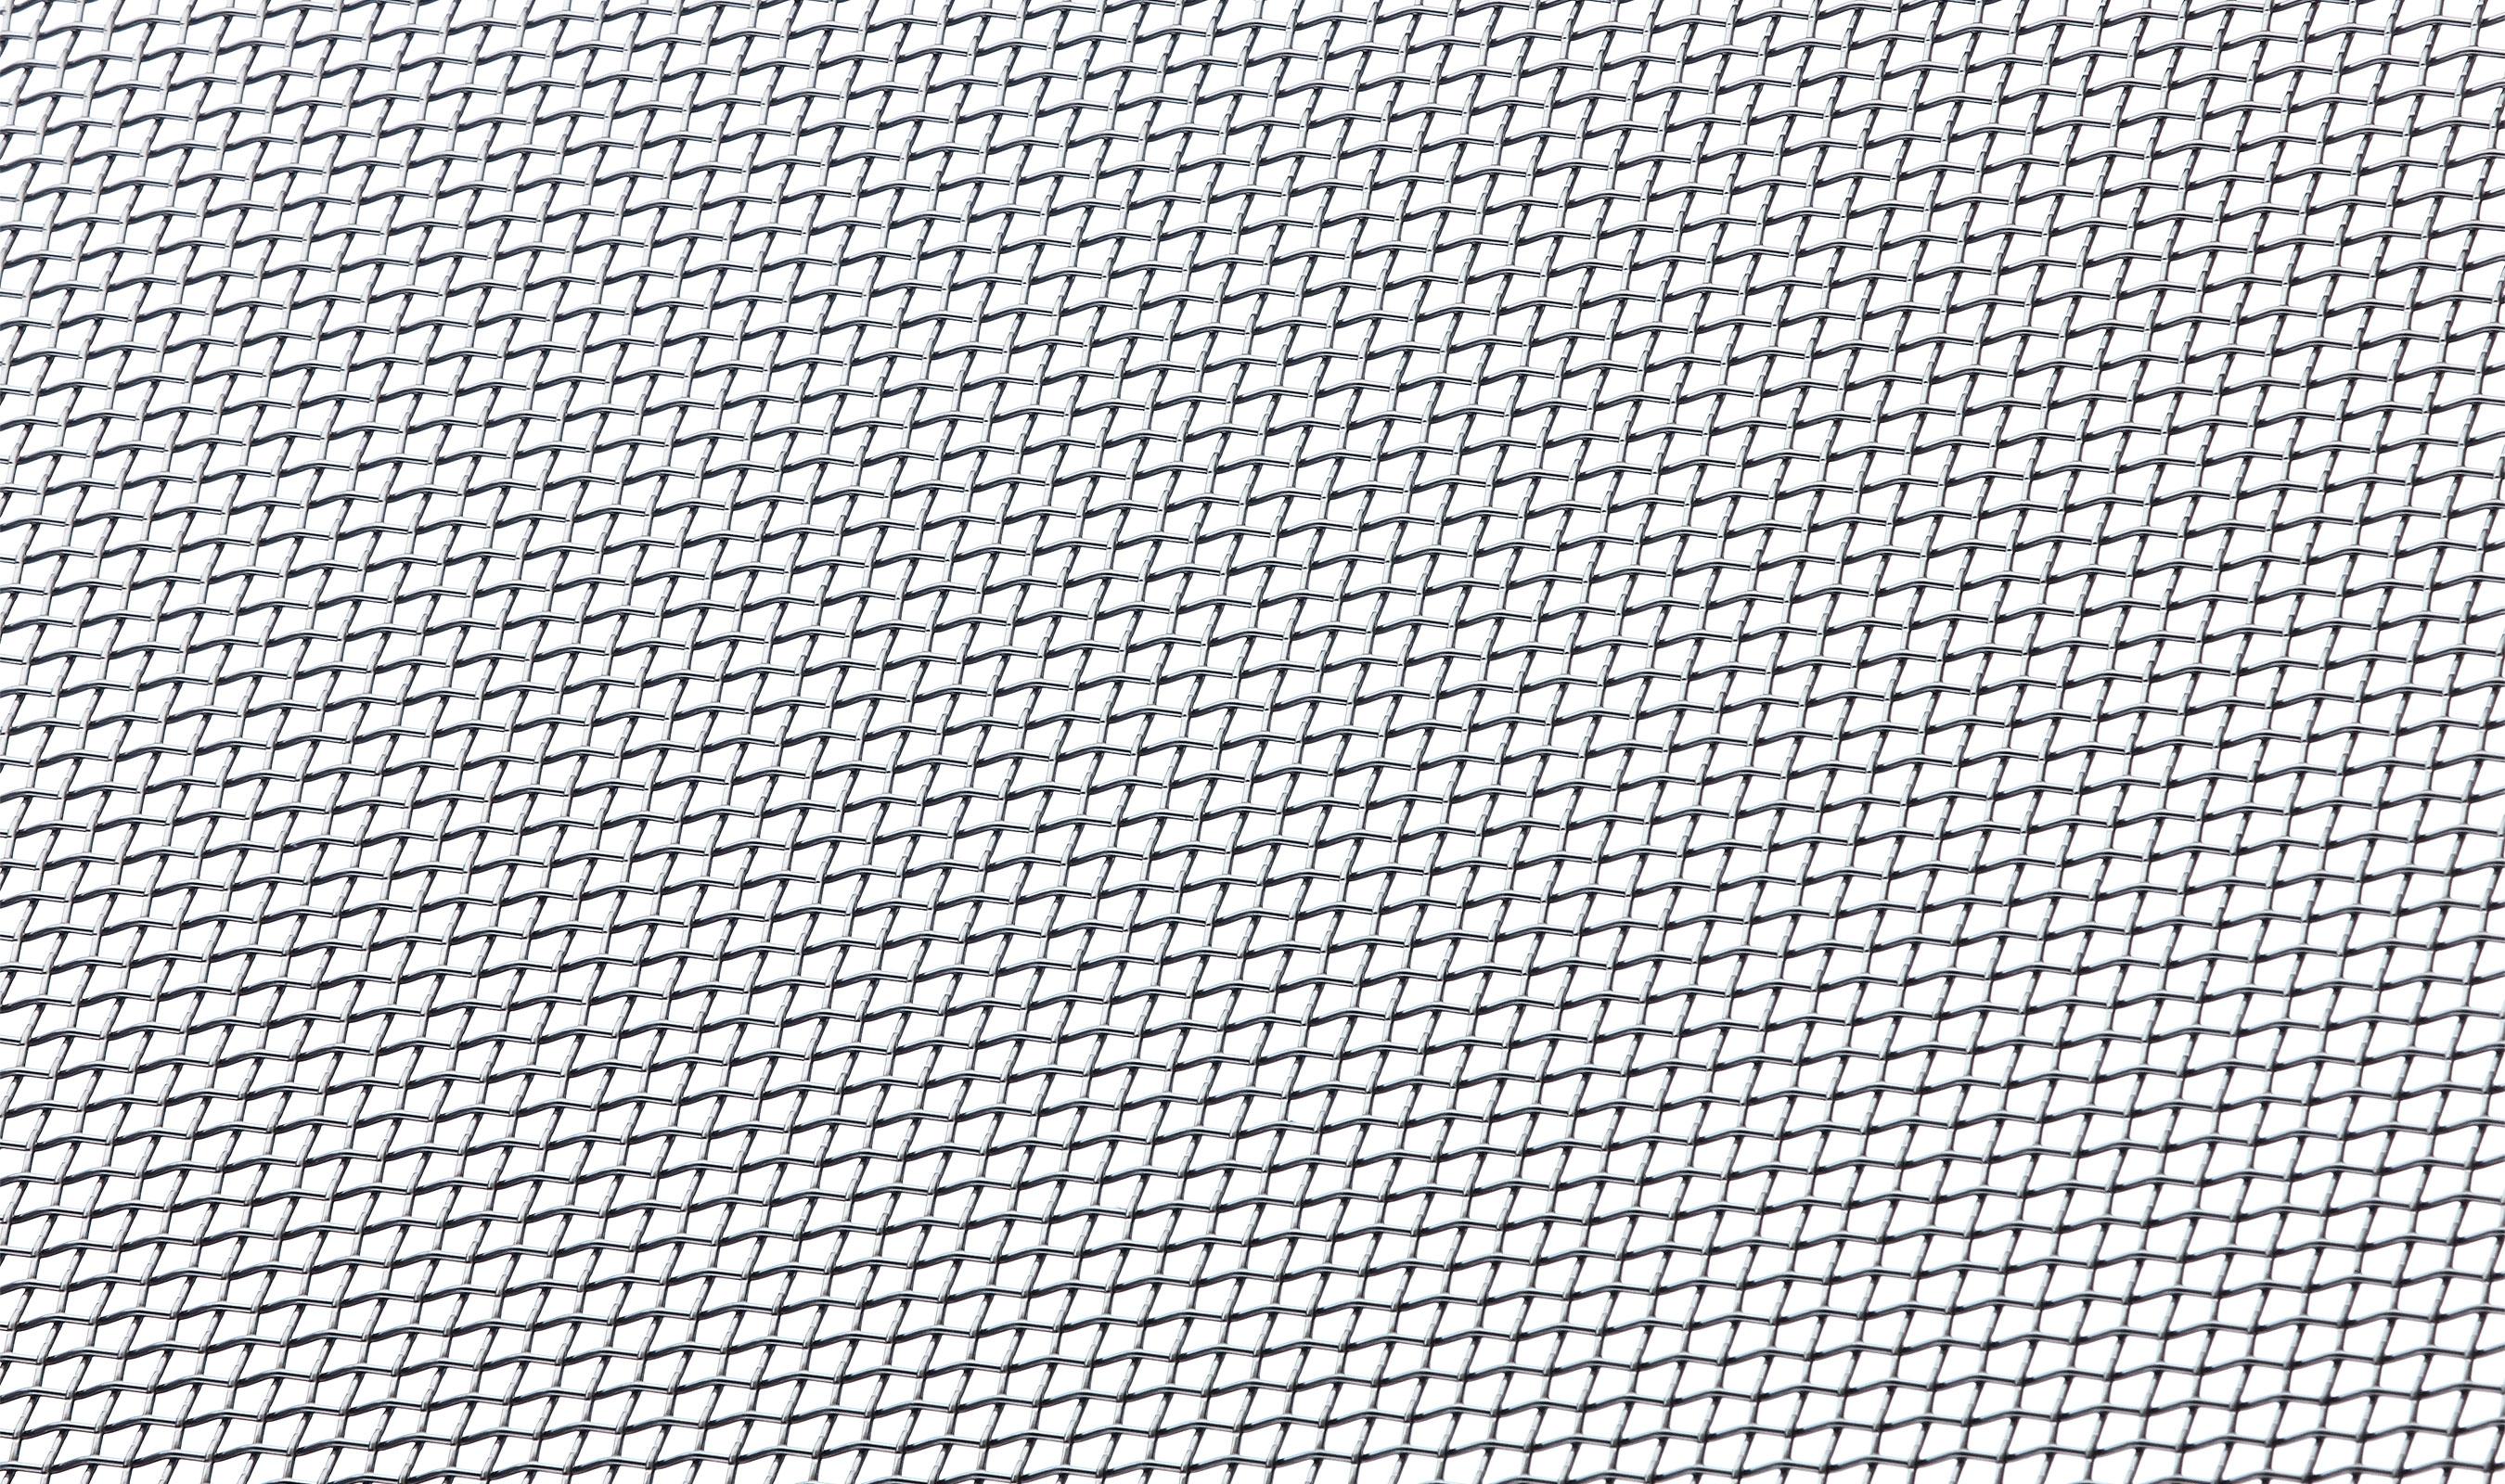 LP-20 wire mesh